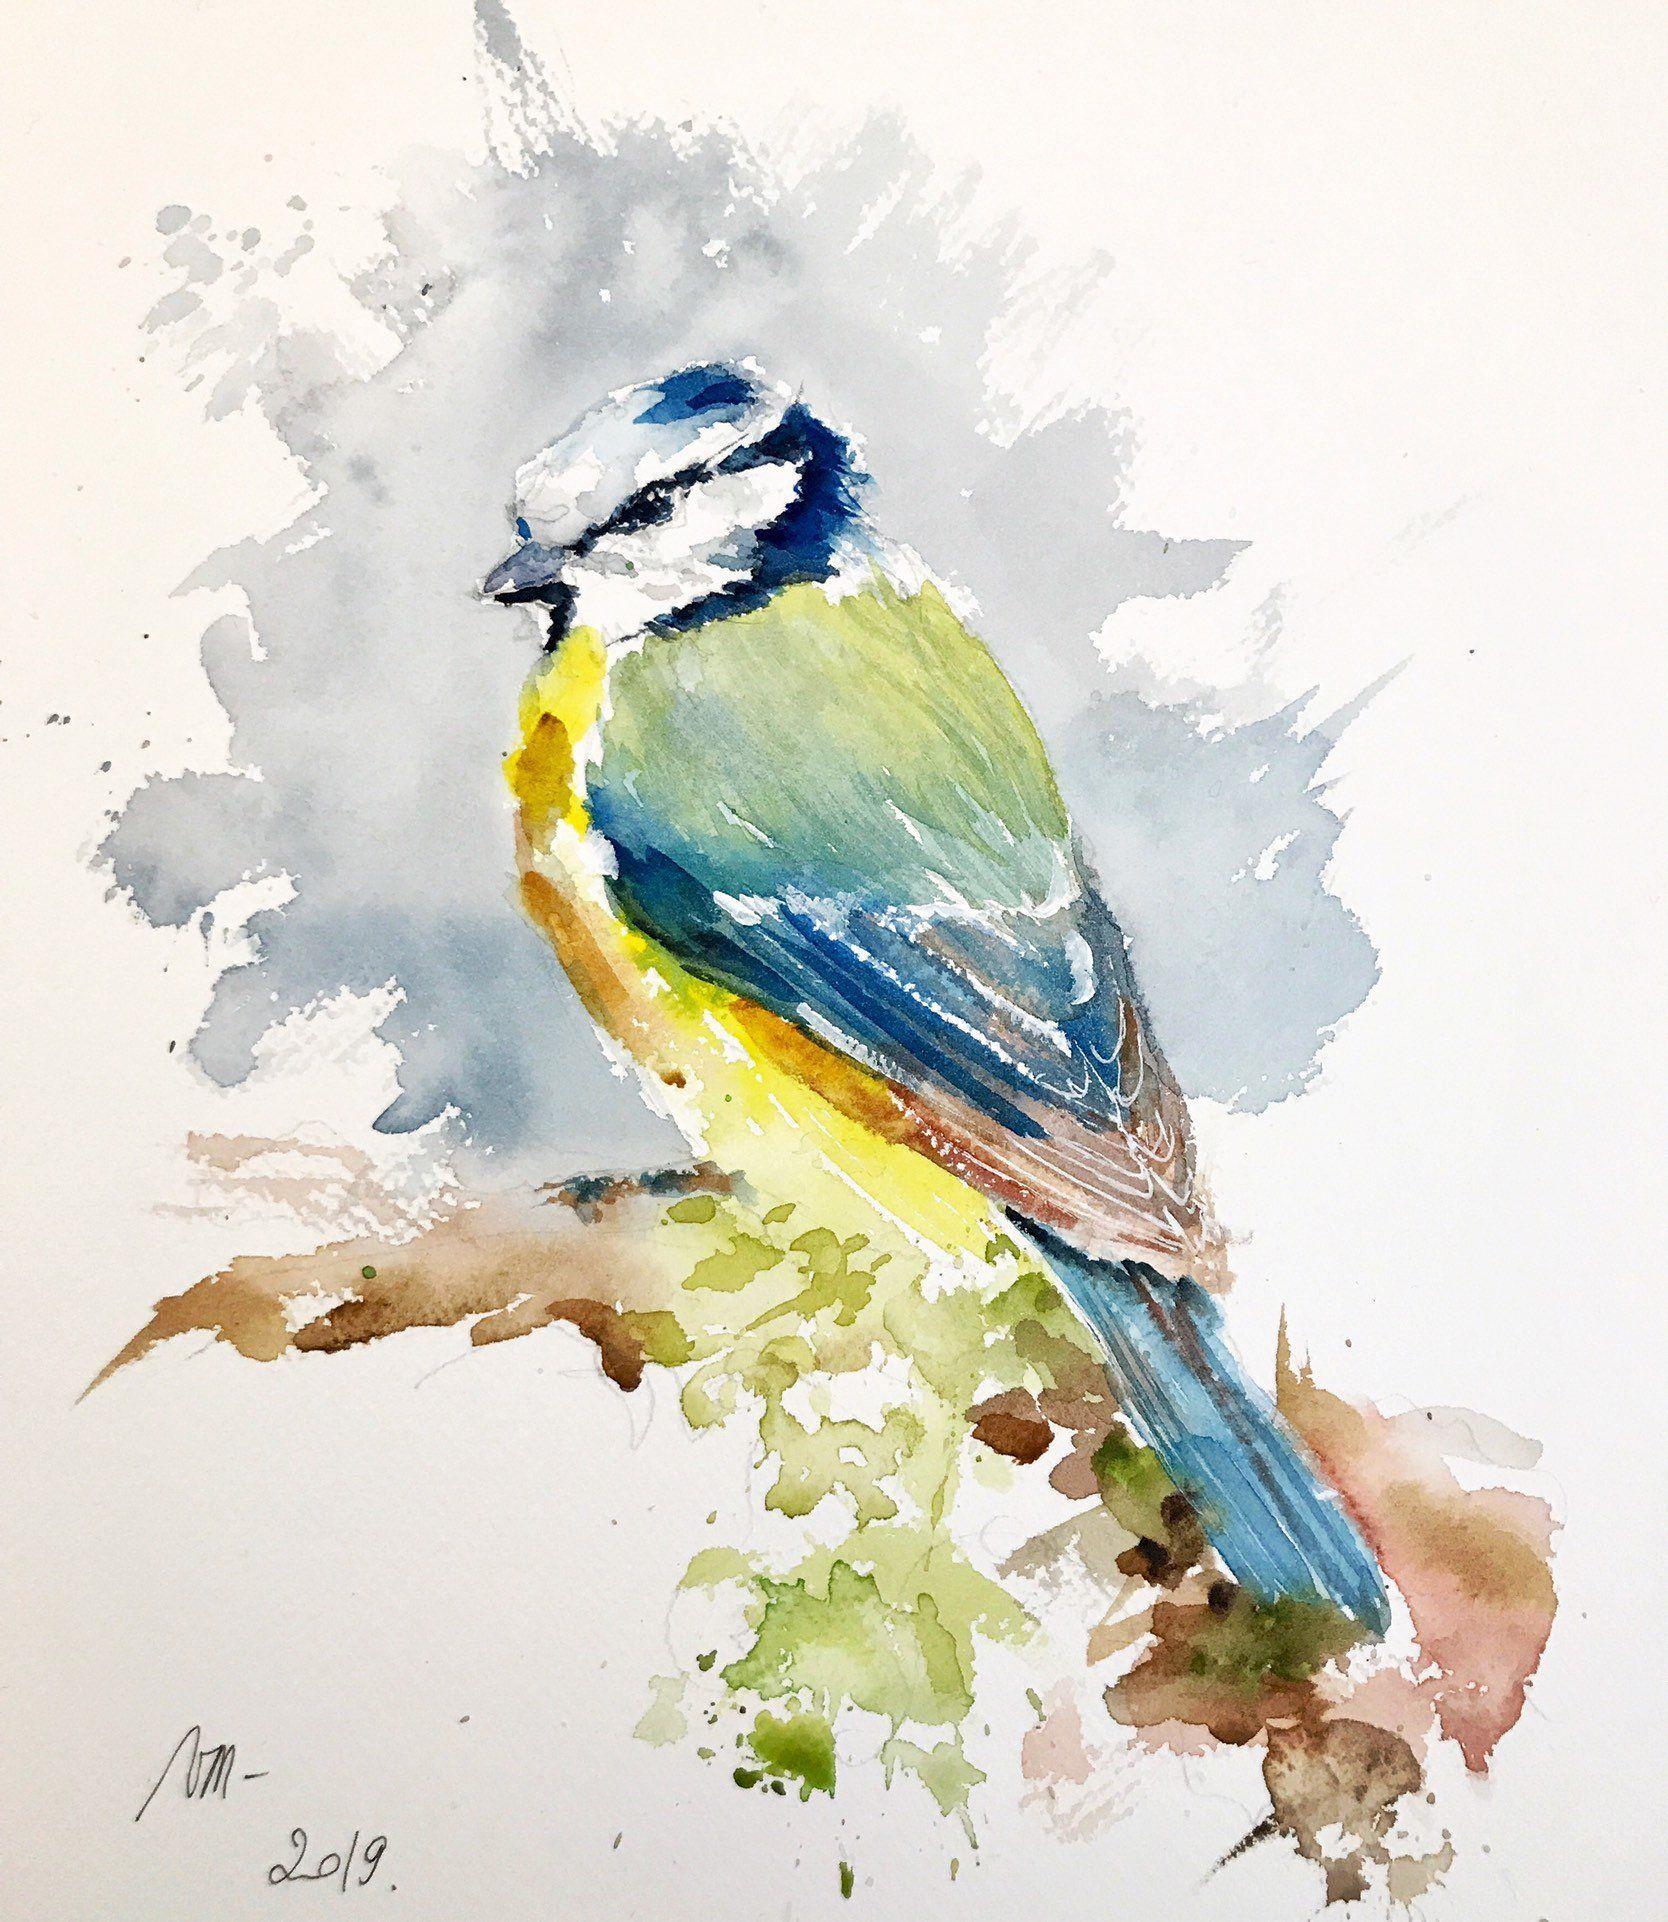 Aquarelle Peinture Originale La Mesange Bleue Oiseaux Jardin